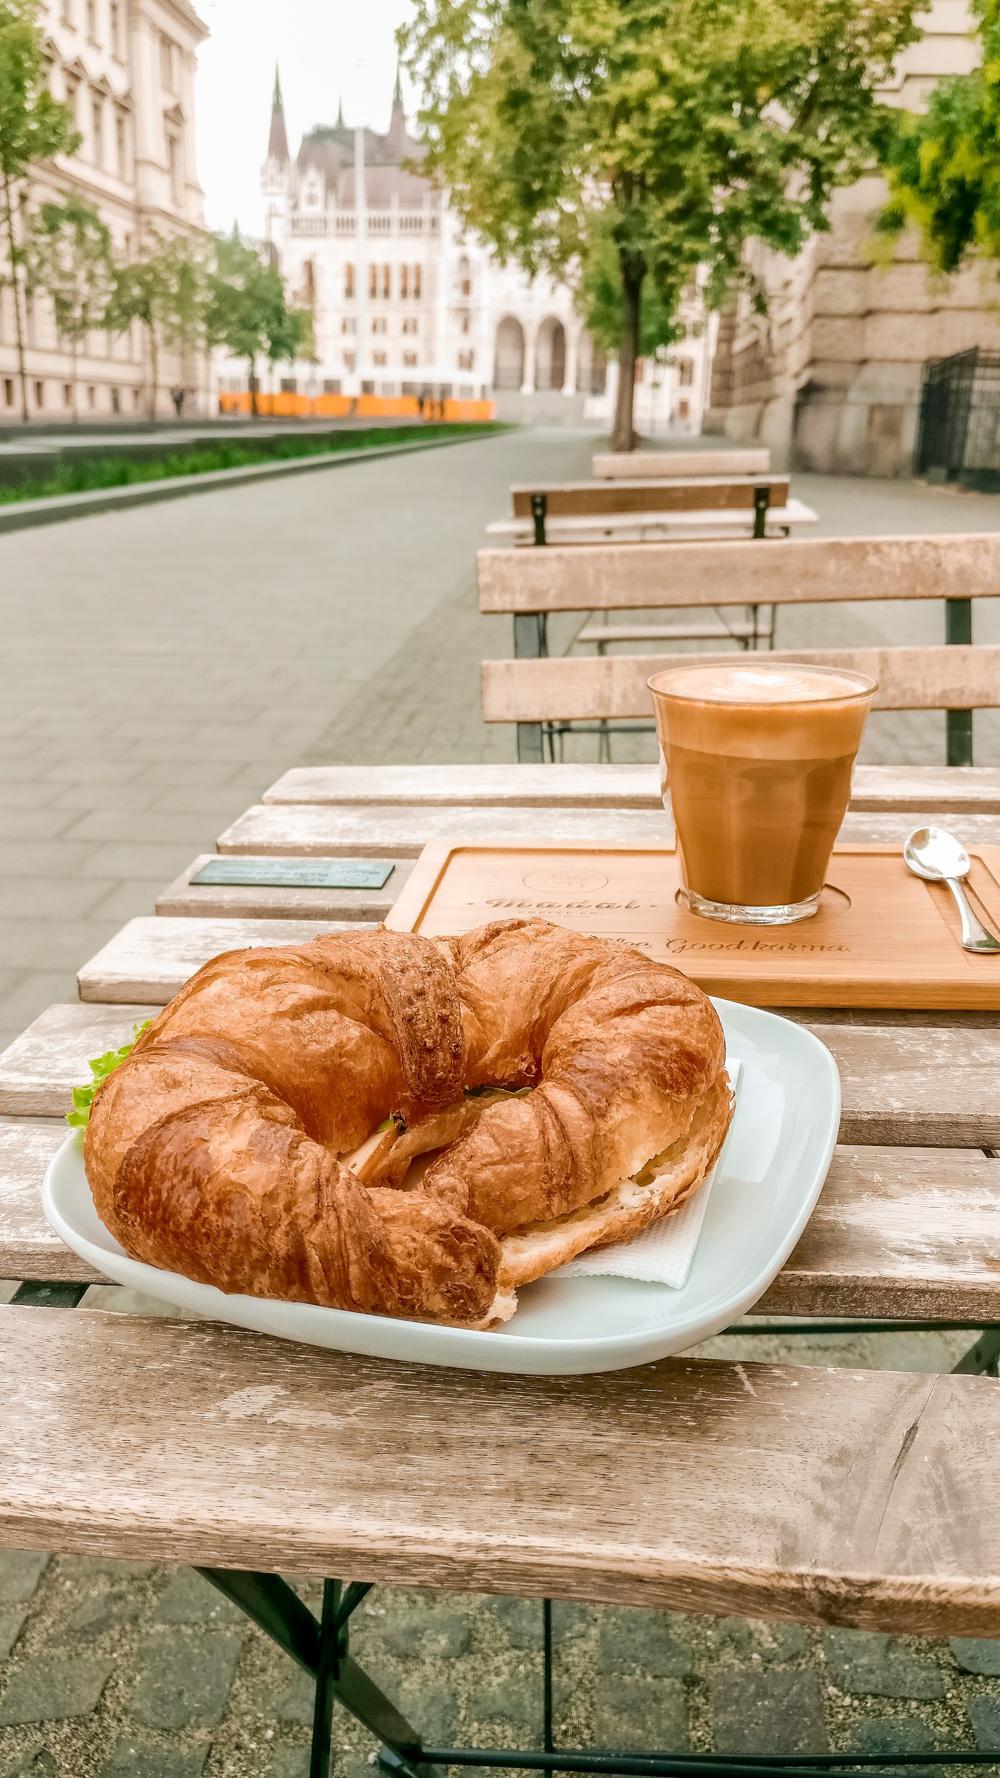 Croissant sandwich at Madal Café - Budapest's best breakfast & brunch places close to the Parliament | Aliz's Wonderland